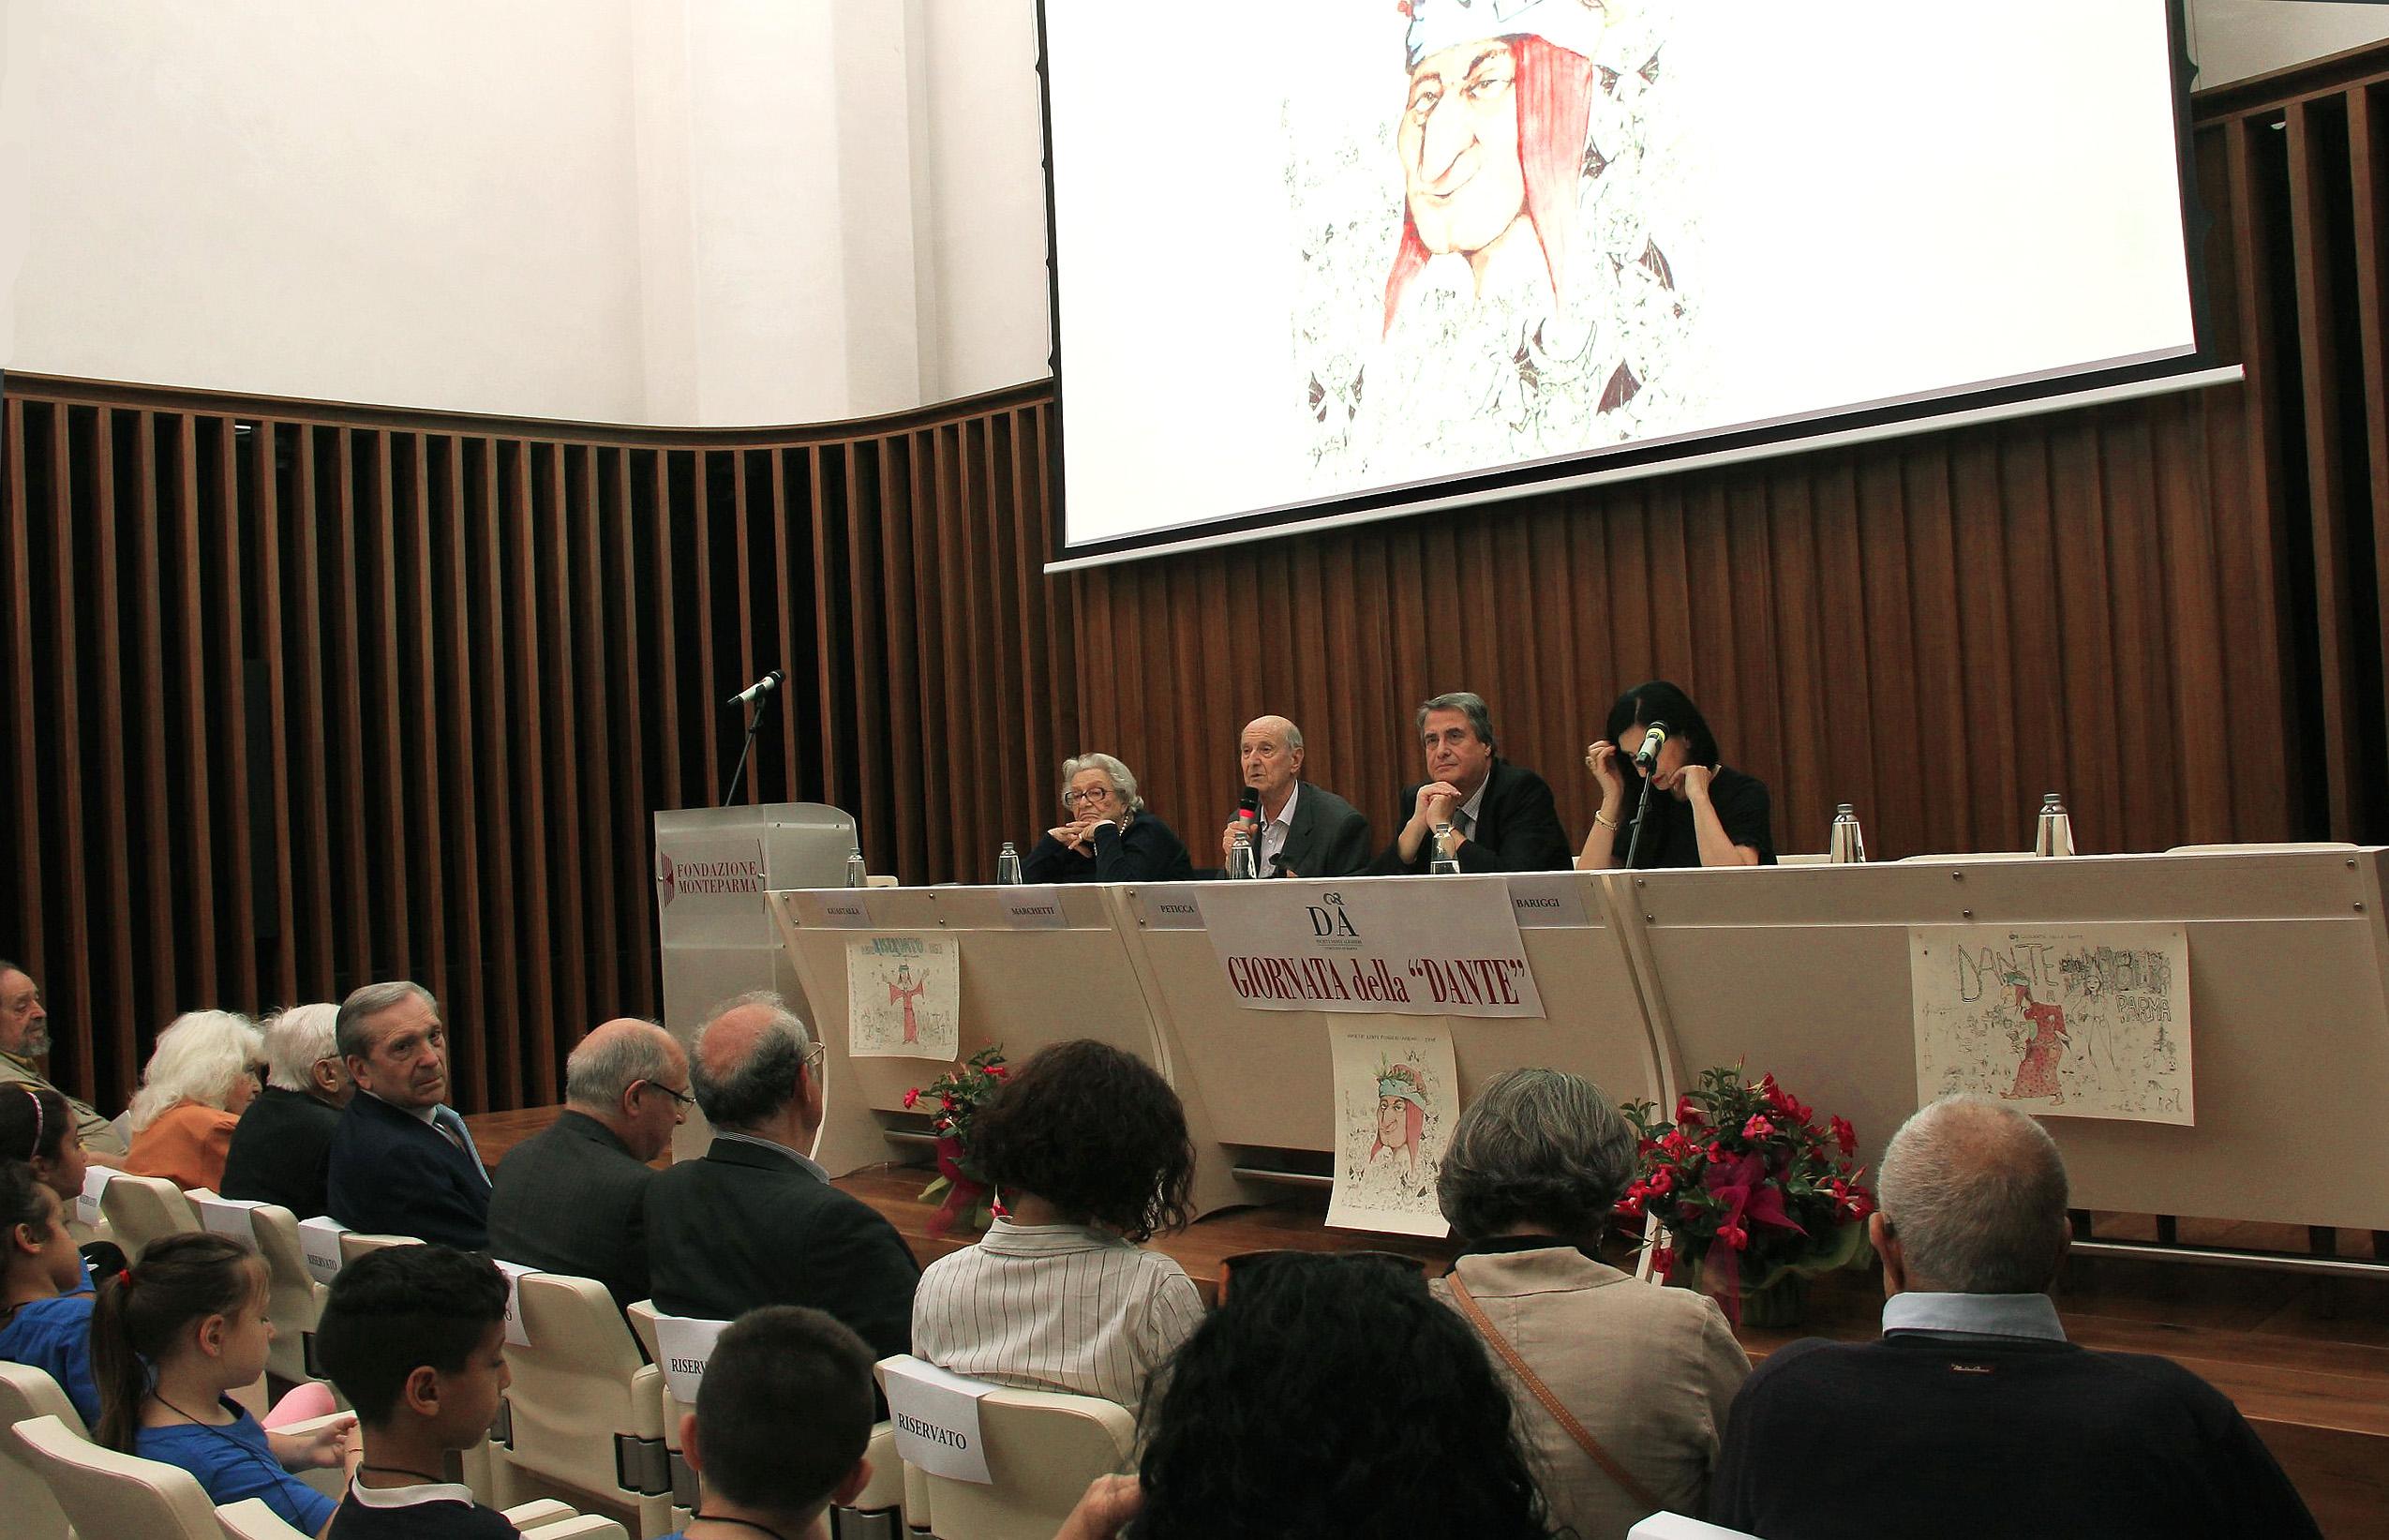 01-Tavolo-relatori-Guastalla-Marchetti-Peticca-Bariggi